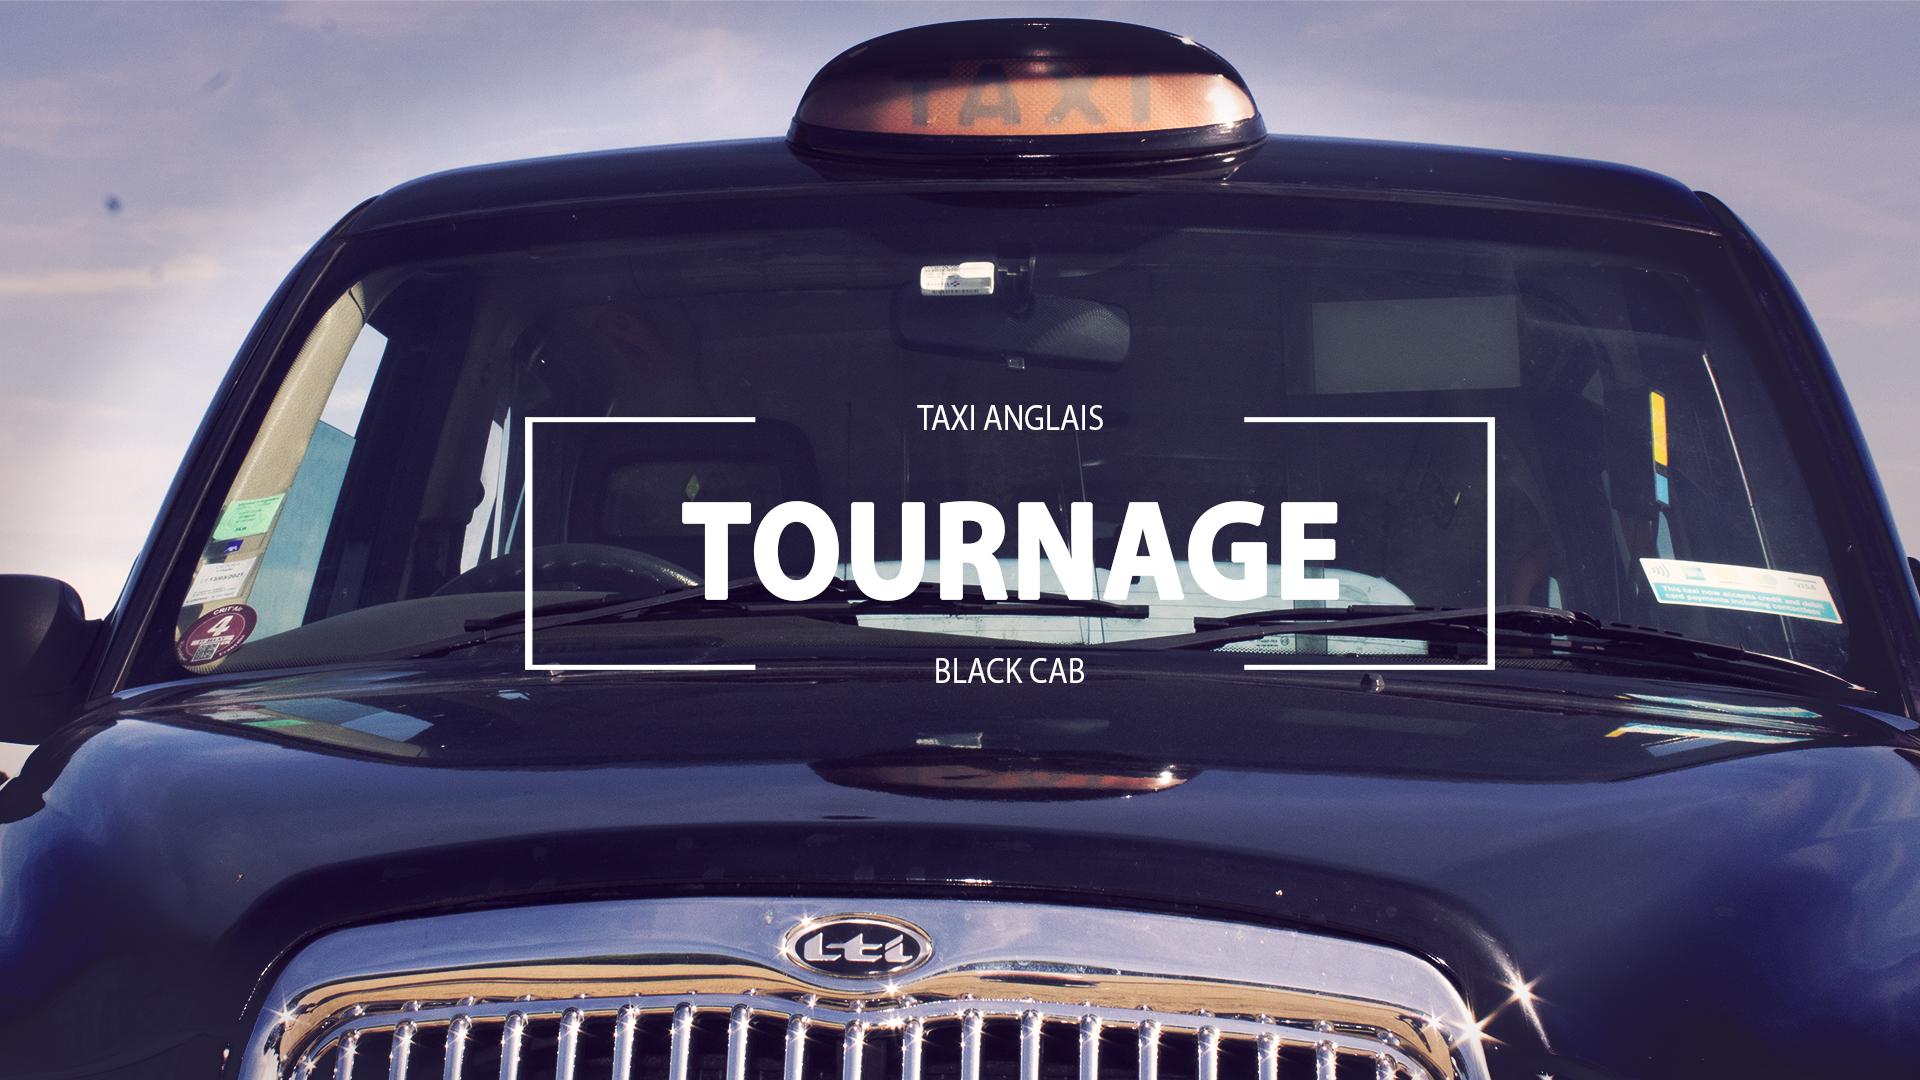 taxi-anglais-tournage